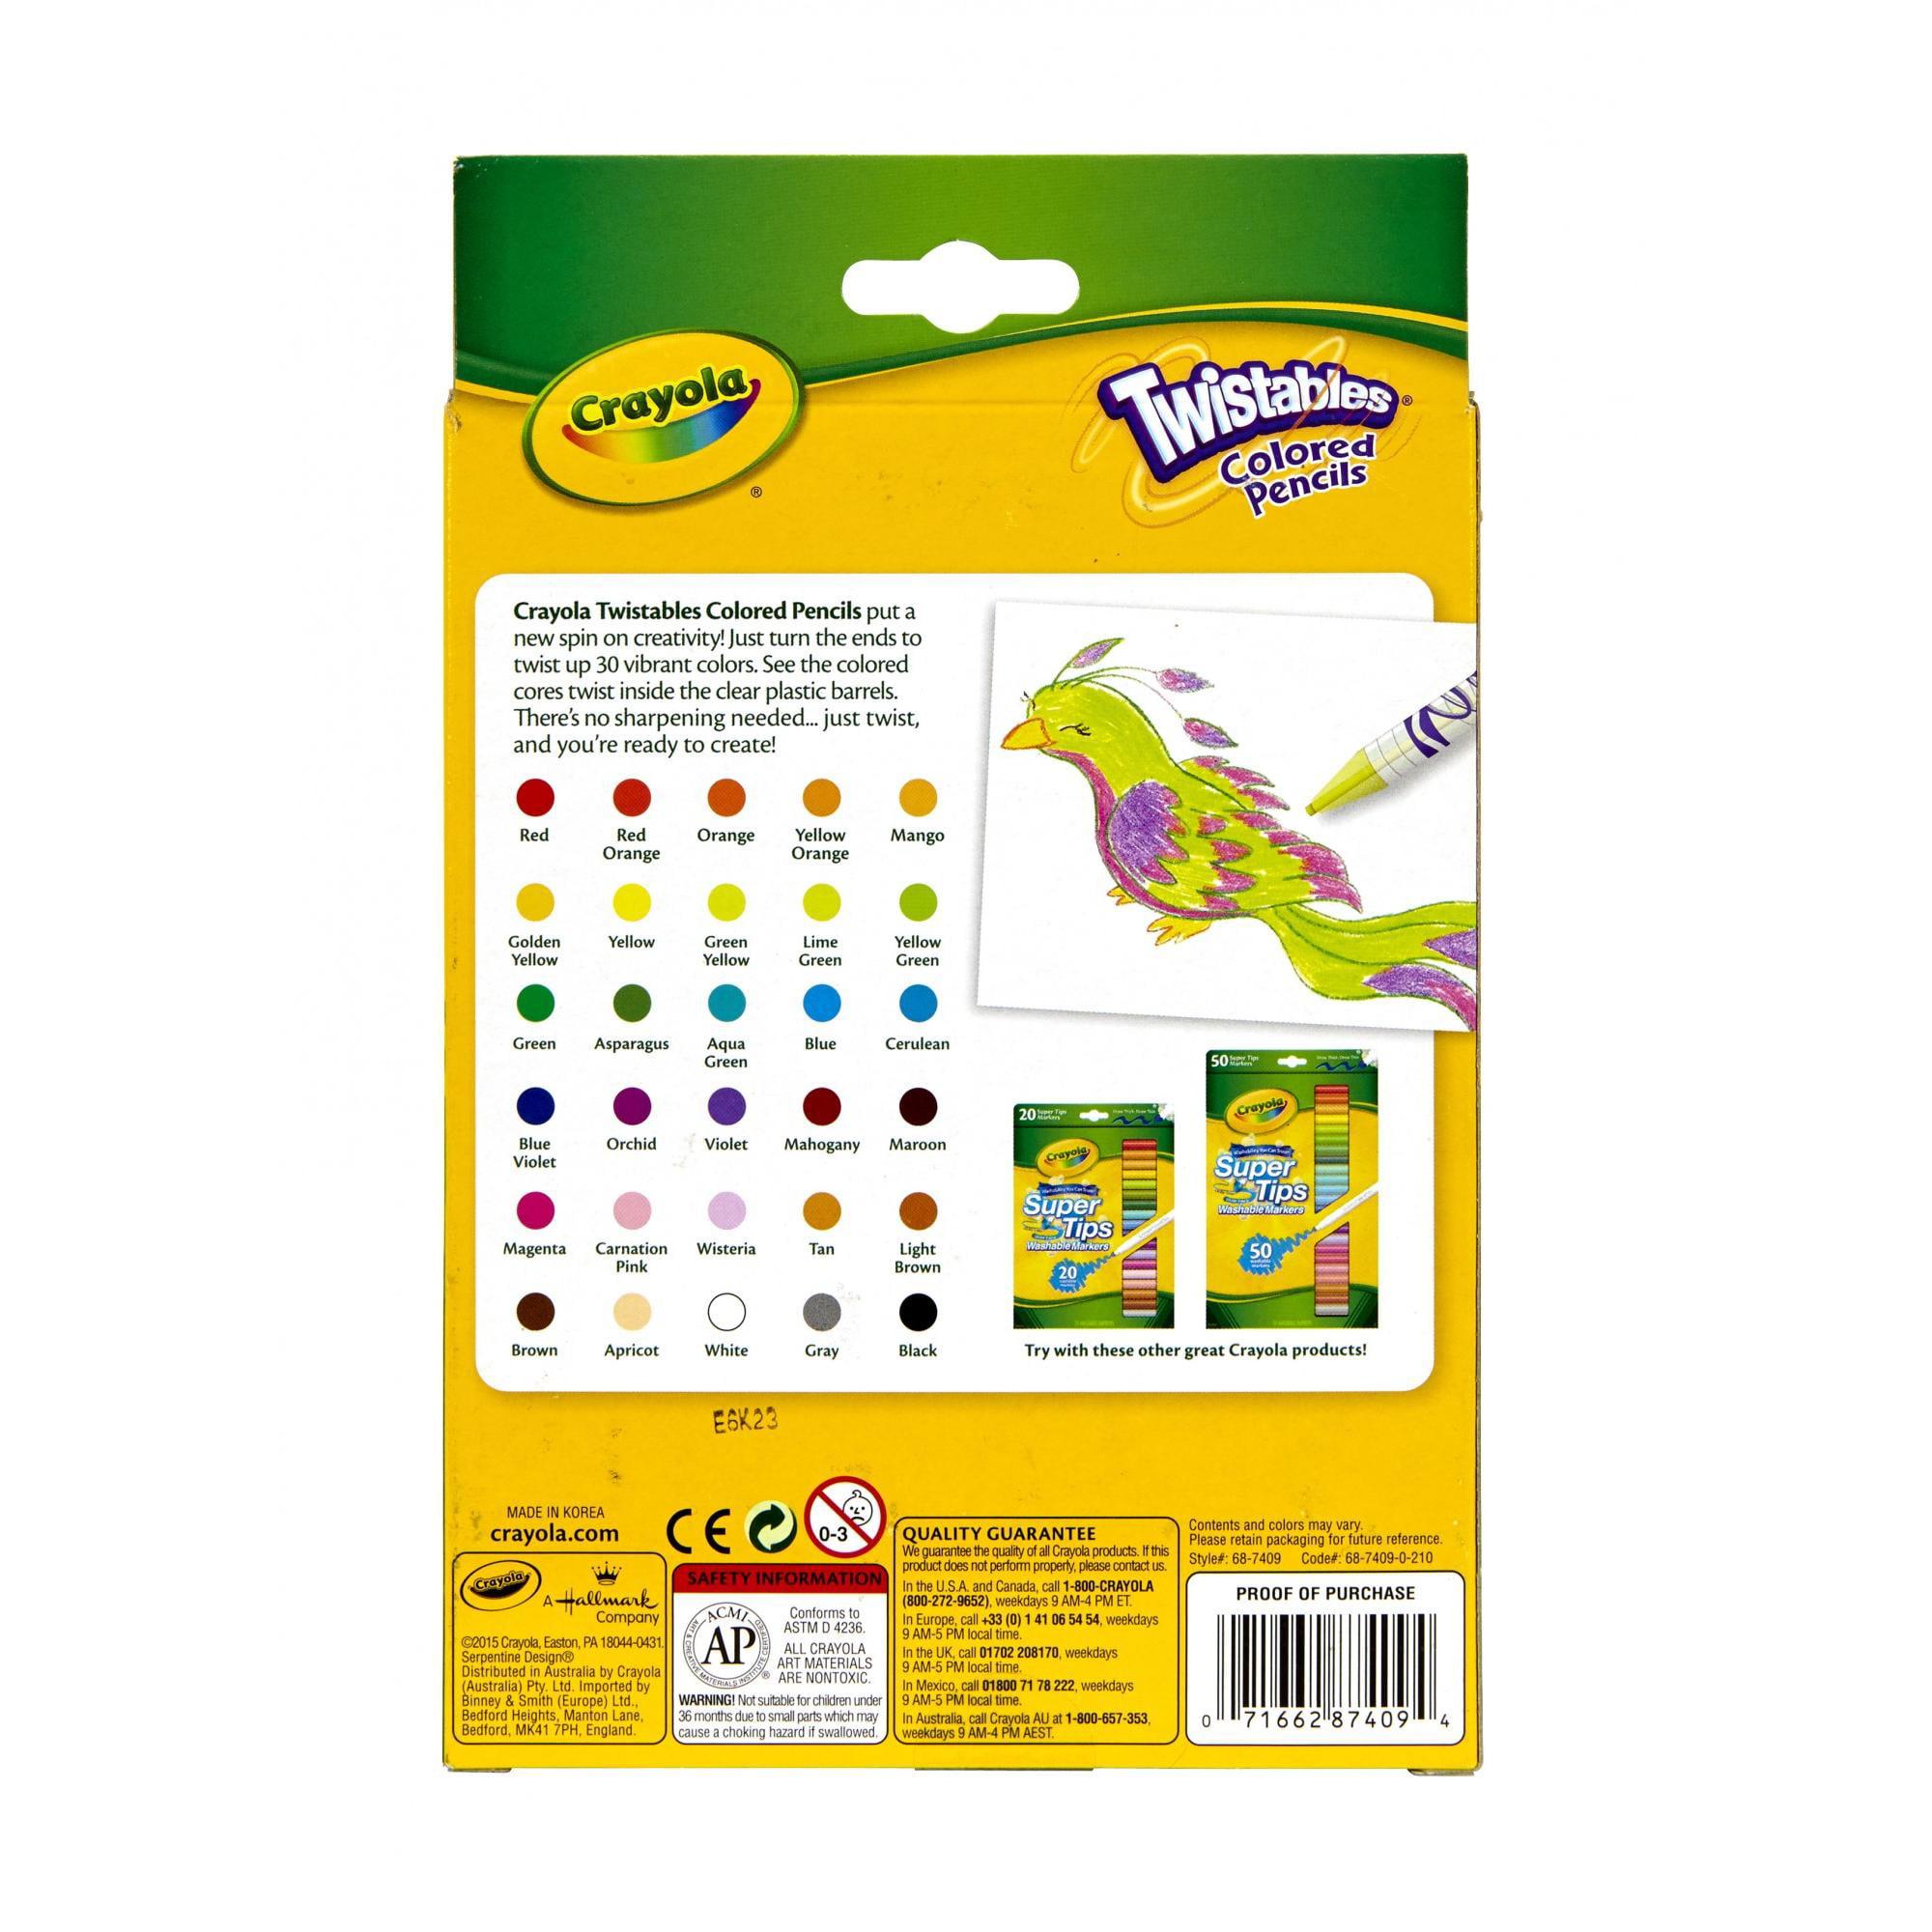 crayola 30 count twistable colored pencils walmartcom - Crayola Colored Pencils Twistables